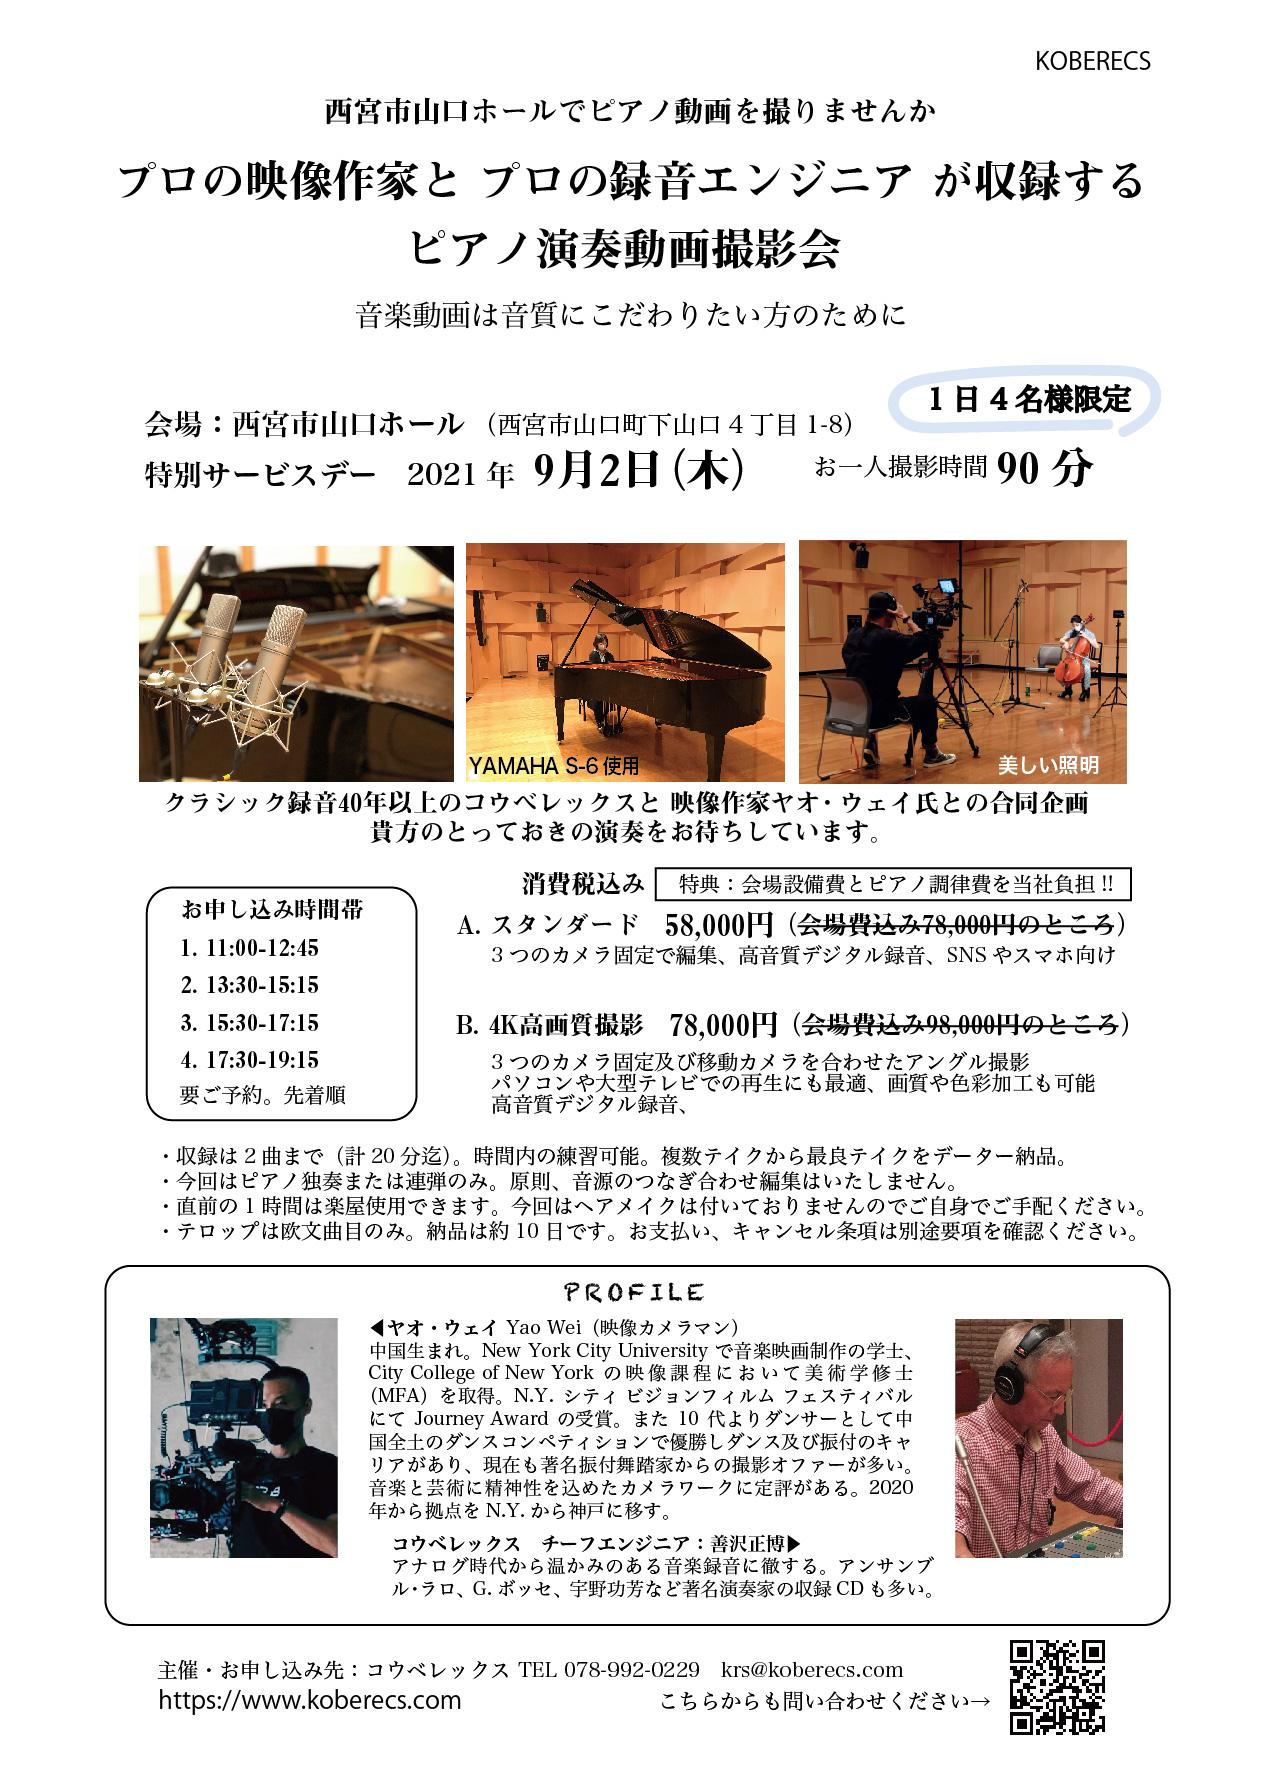 プロの映像作家と クラシック録音のエンジニアが収録。ピアノ演奏撮影 特別価格 9月2日(西宮市)